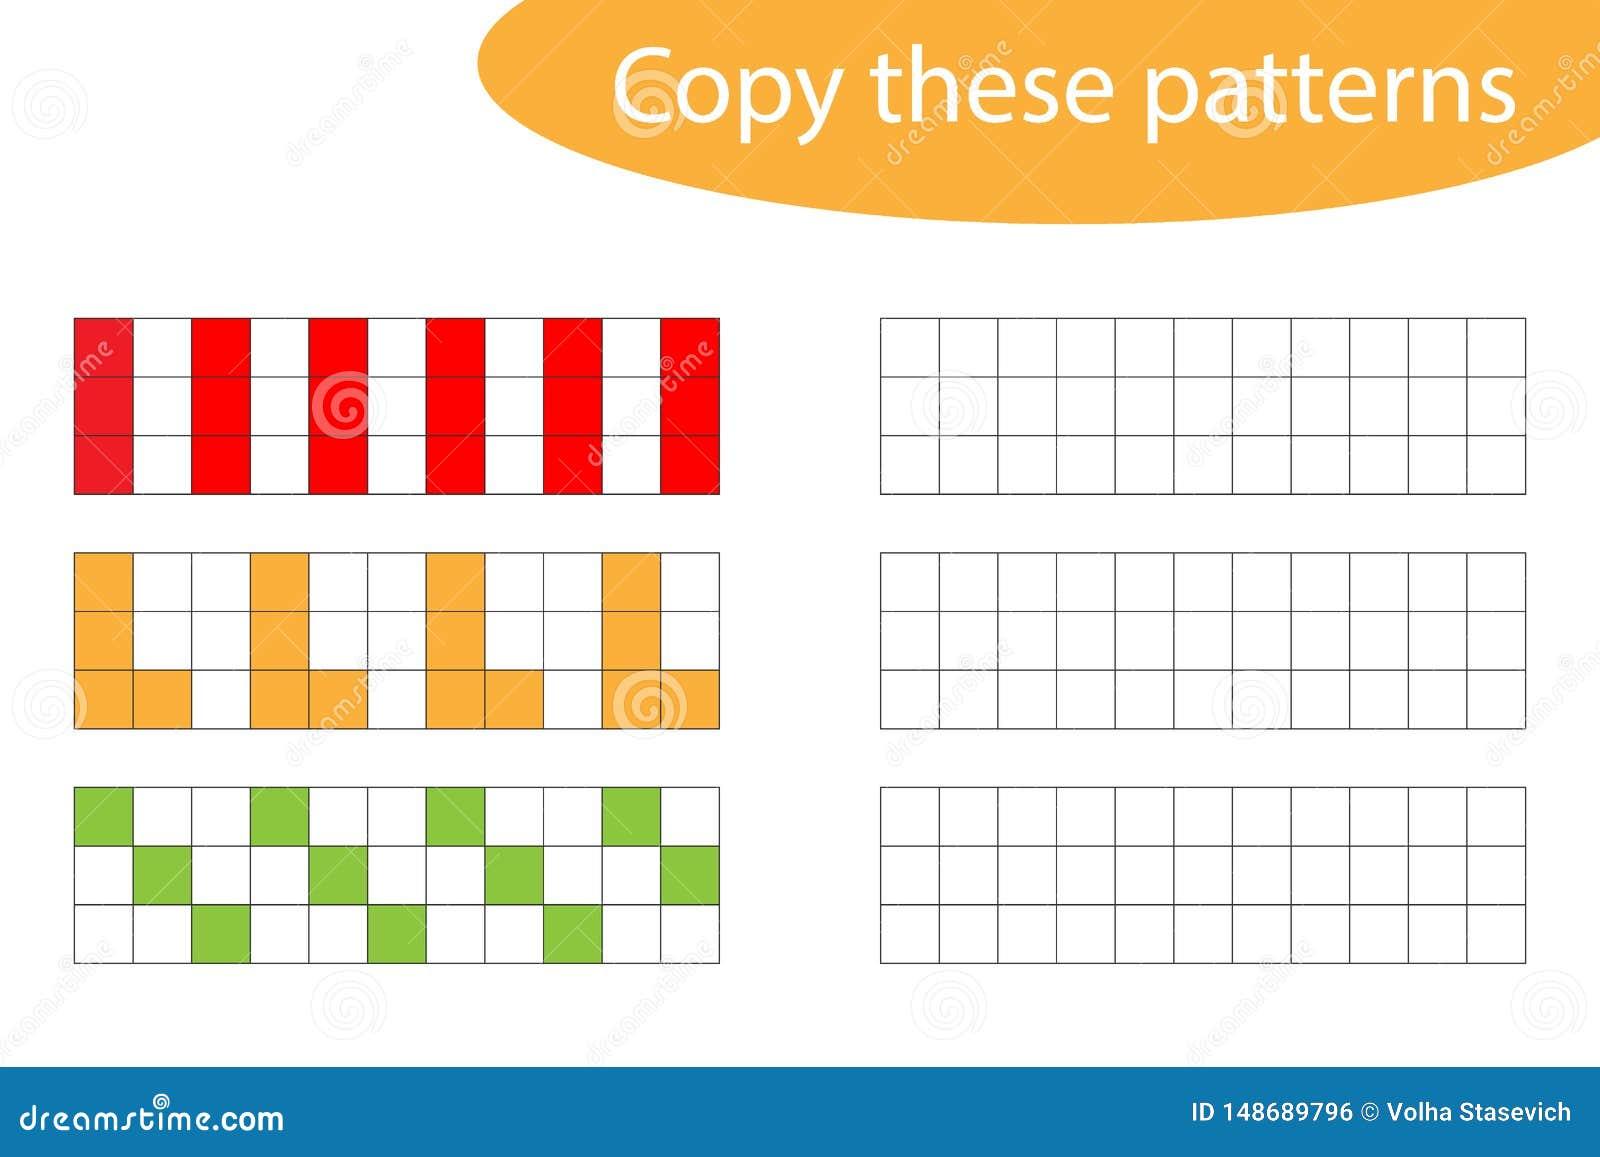 Copiez Ces Modles Art De Pixel La Formation De Dessin De